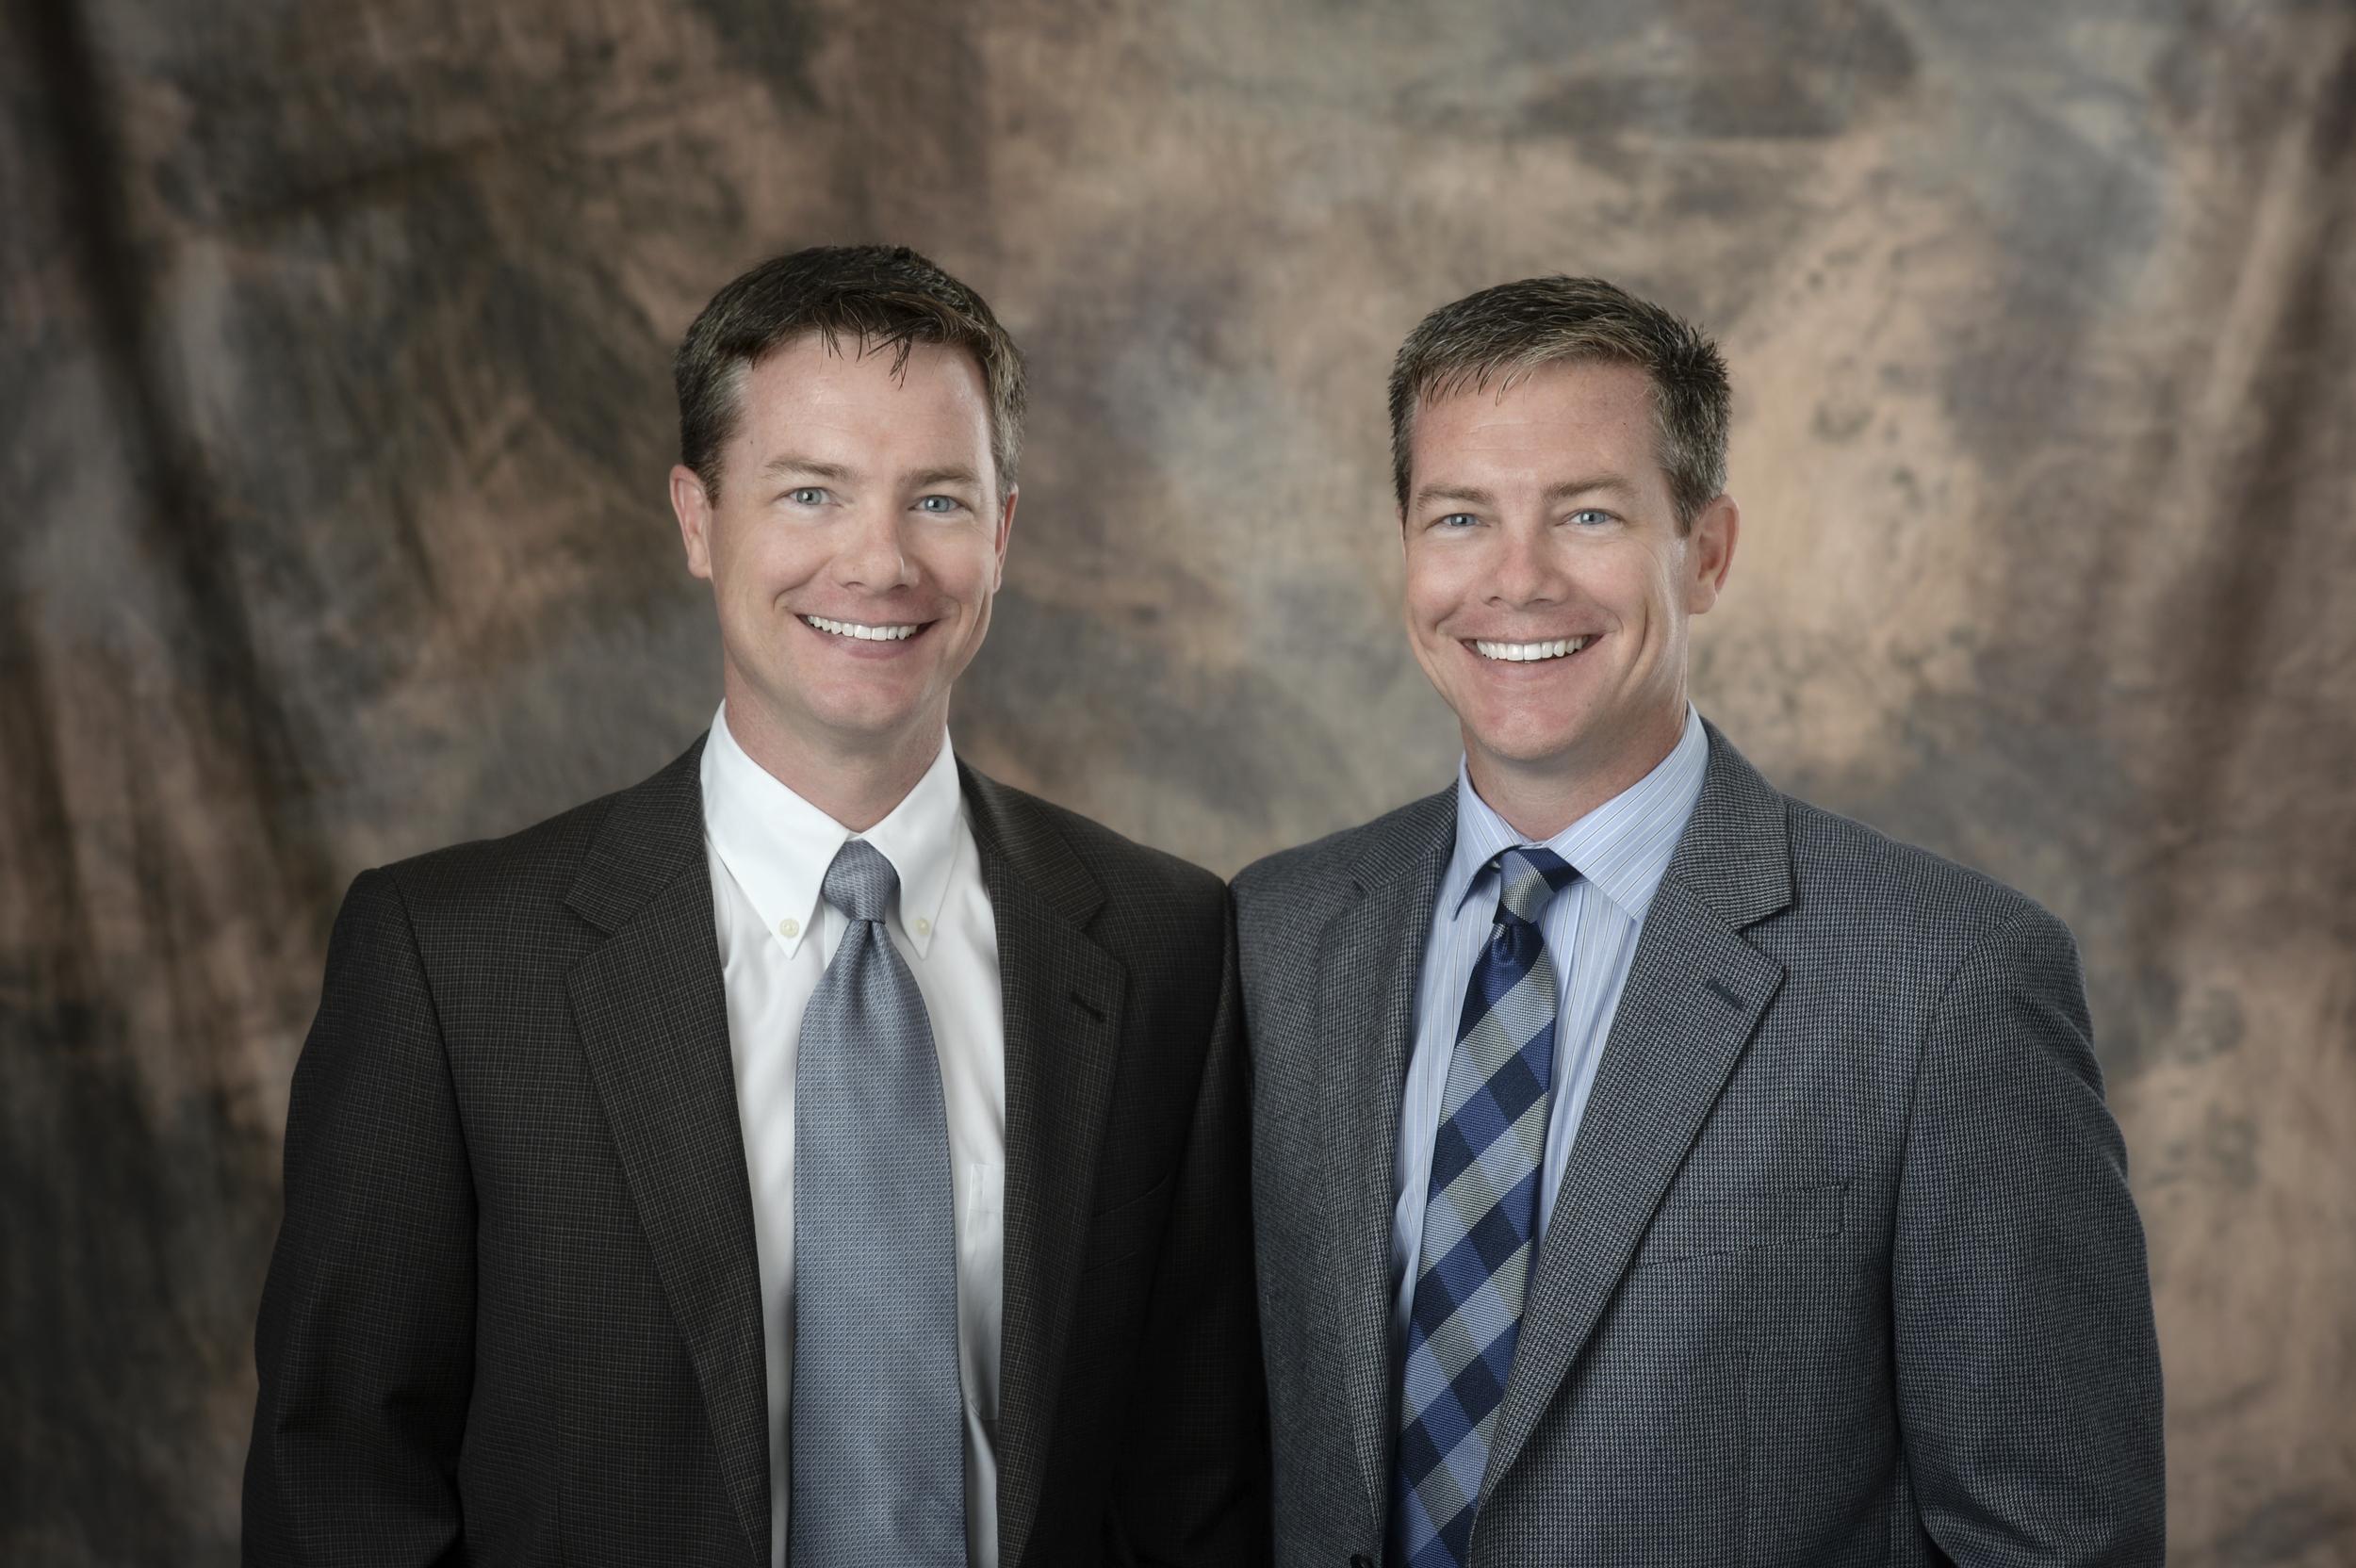 Craig and Andy Bowman